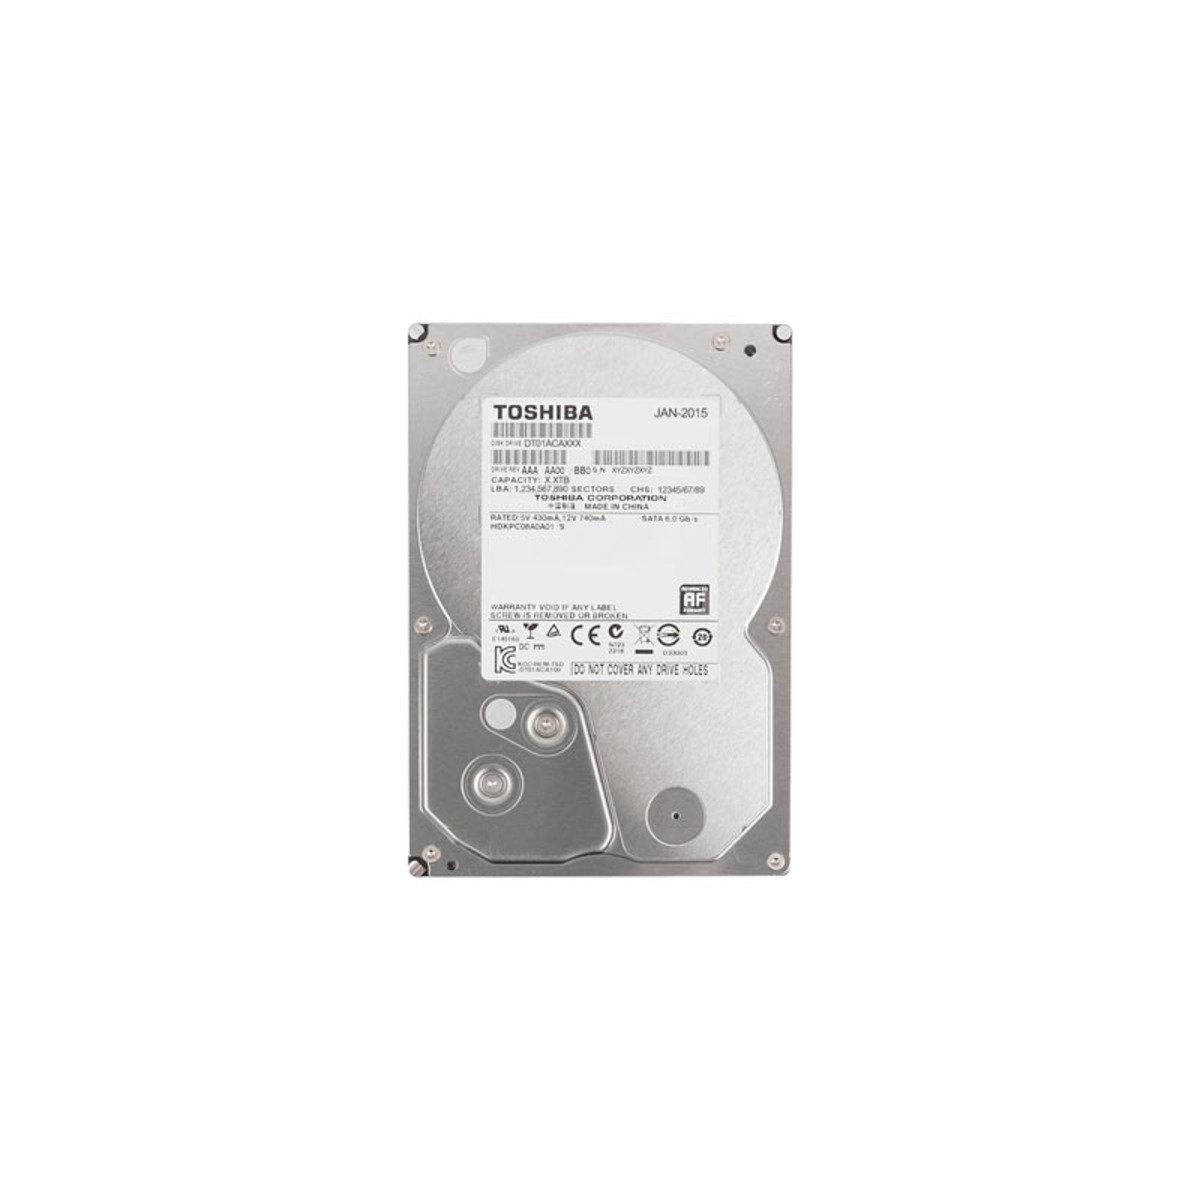 3.5吋 3TB SATA 6Gb/s 桌上型電腦 內置硬碟 DT01ACA300